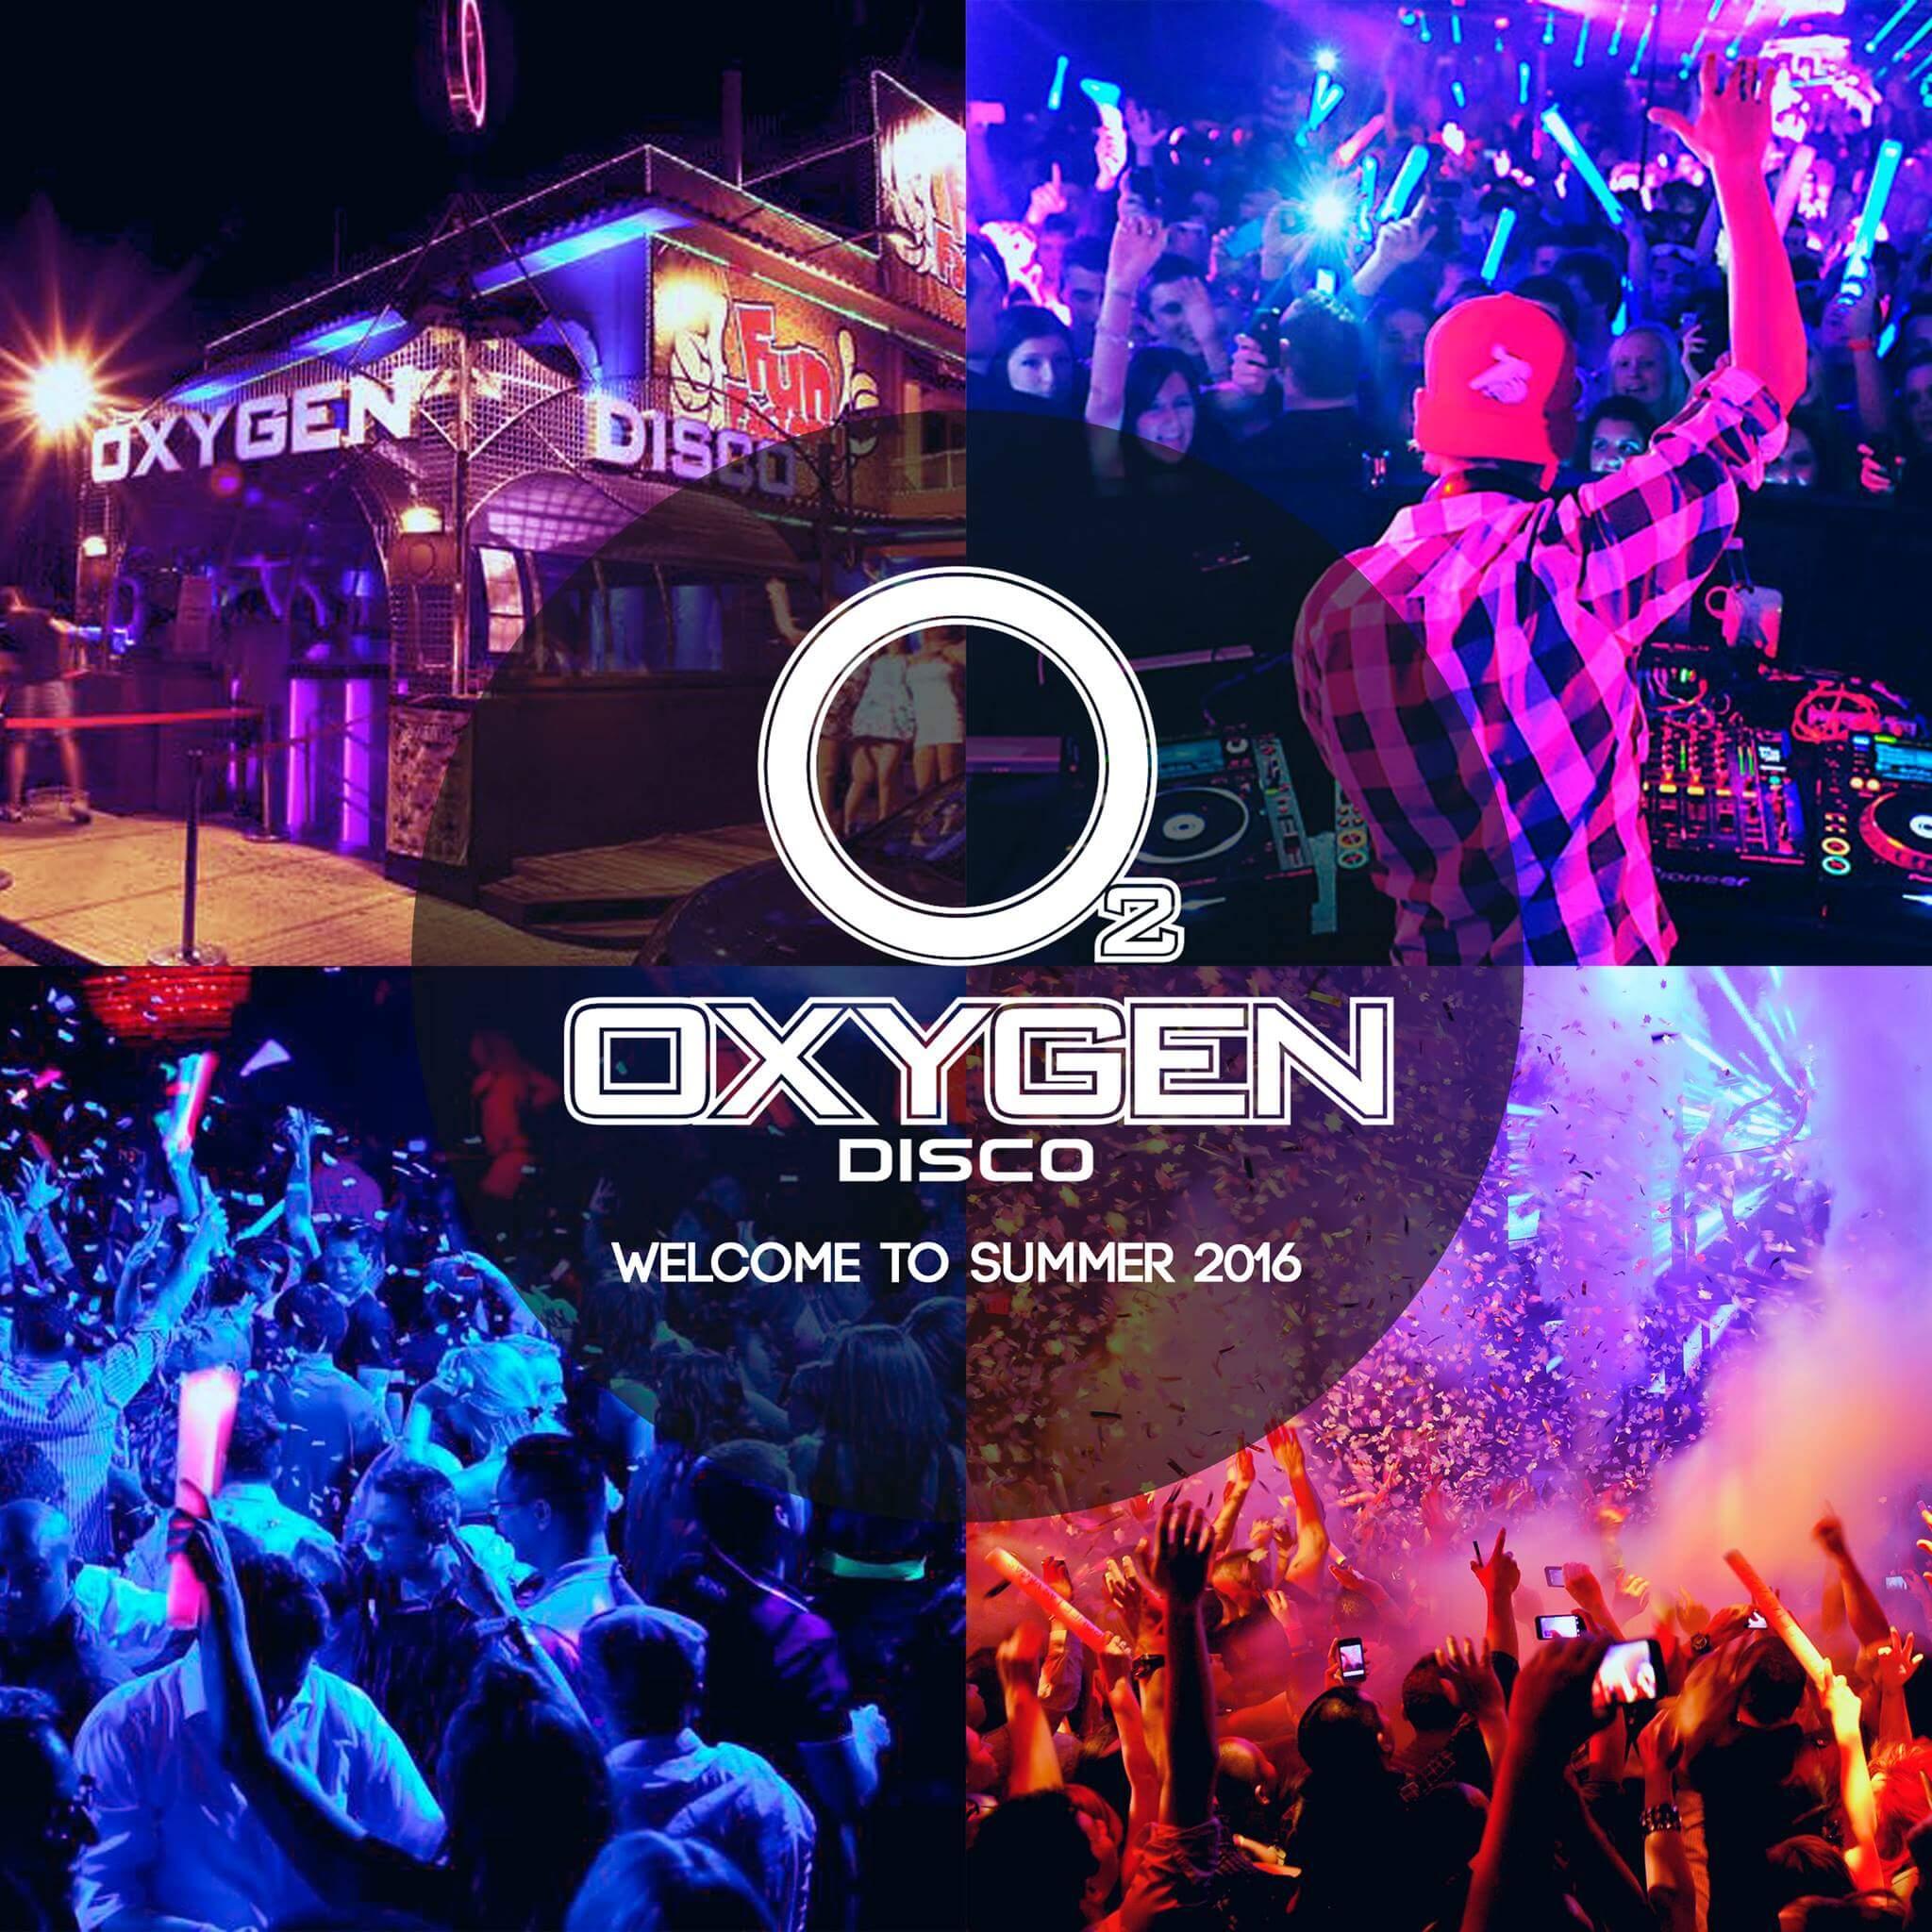 club-oxygen-blanes-spanje